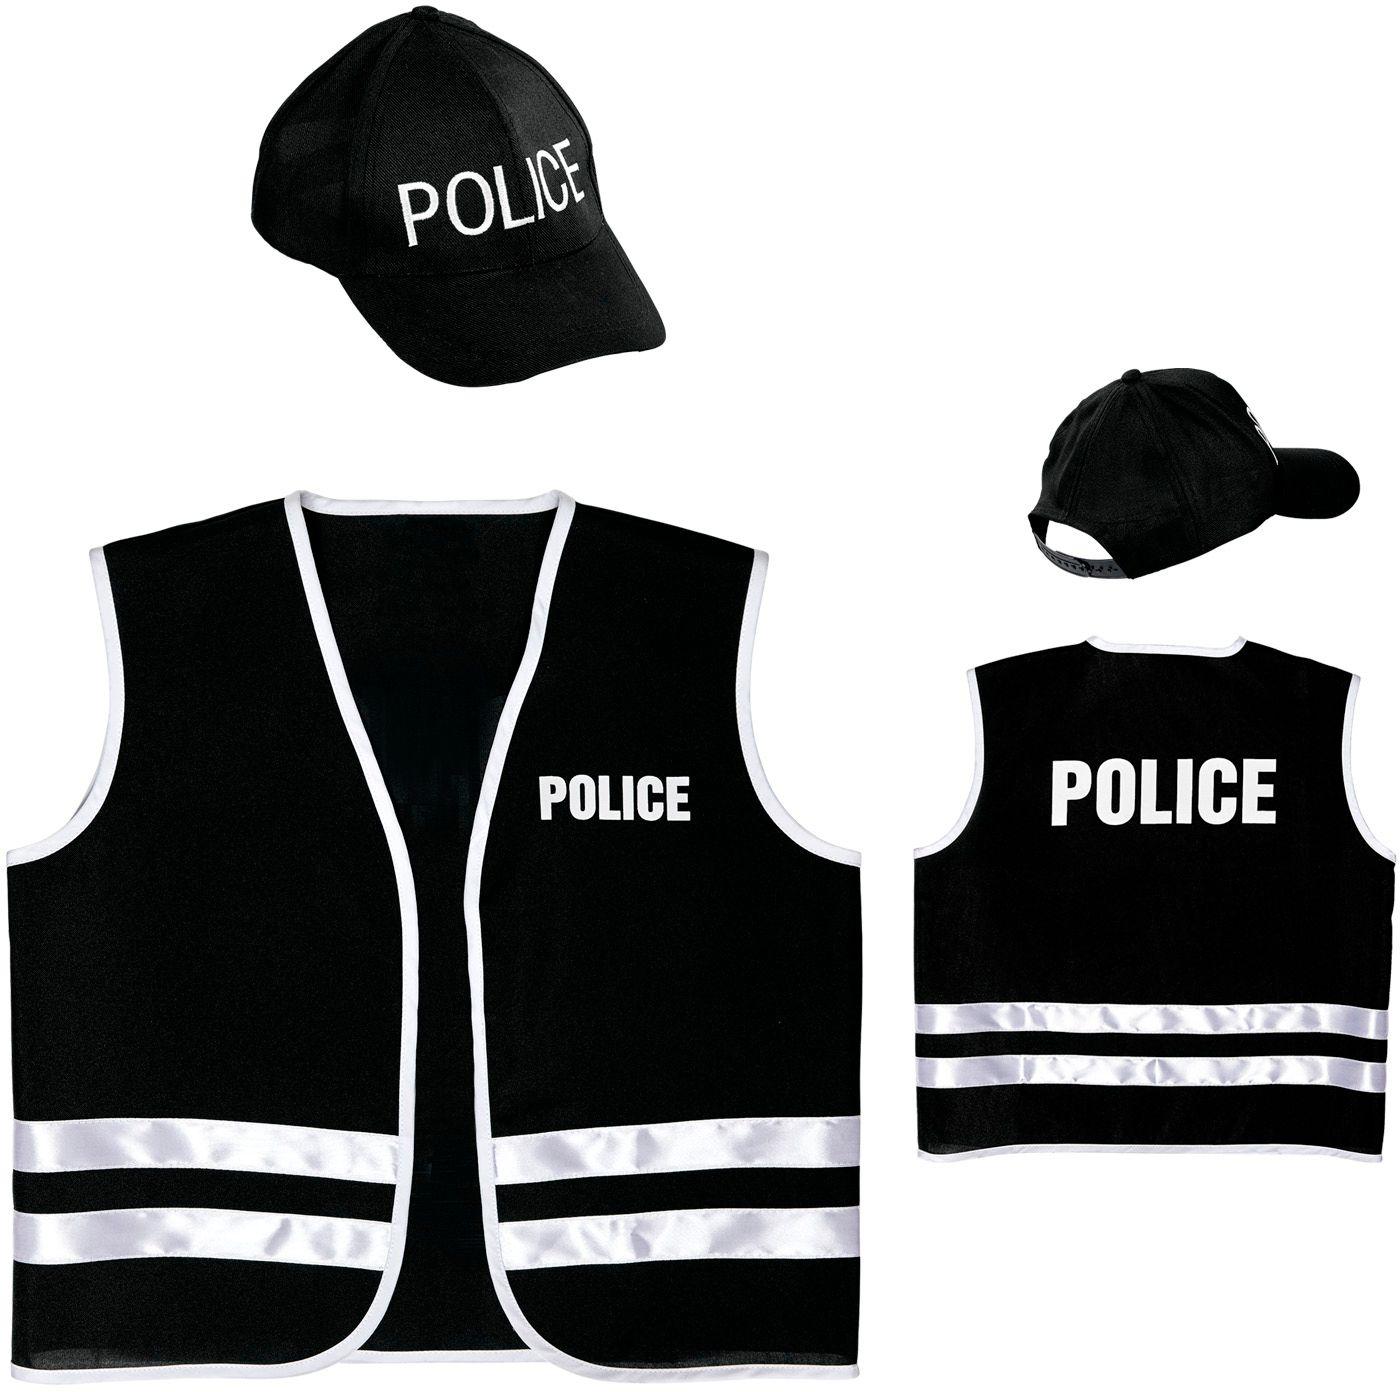 Politie vest met pet